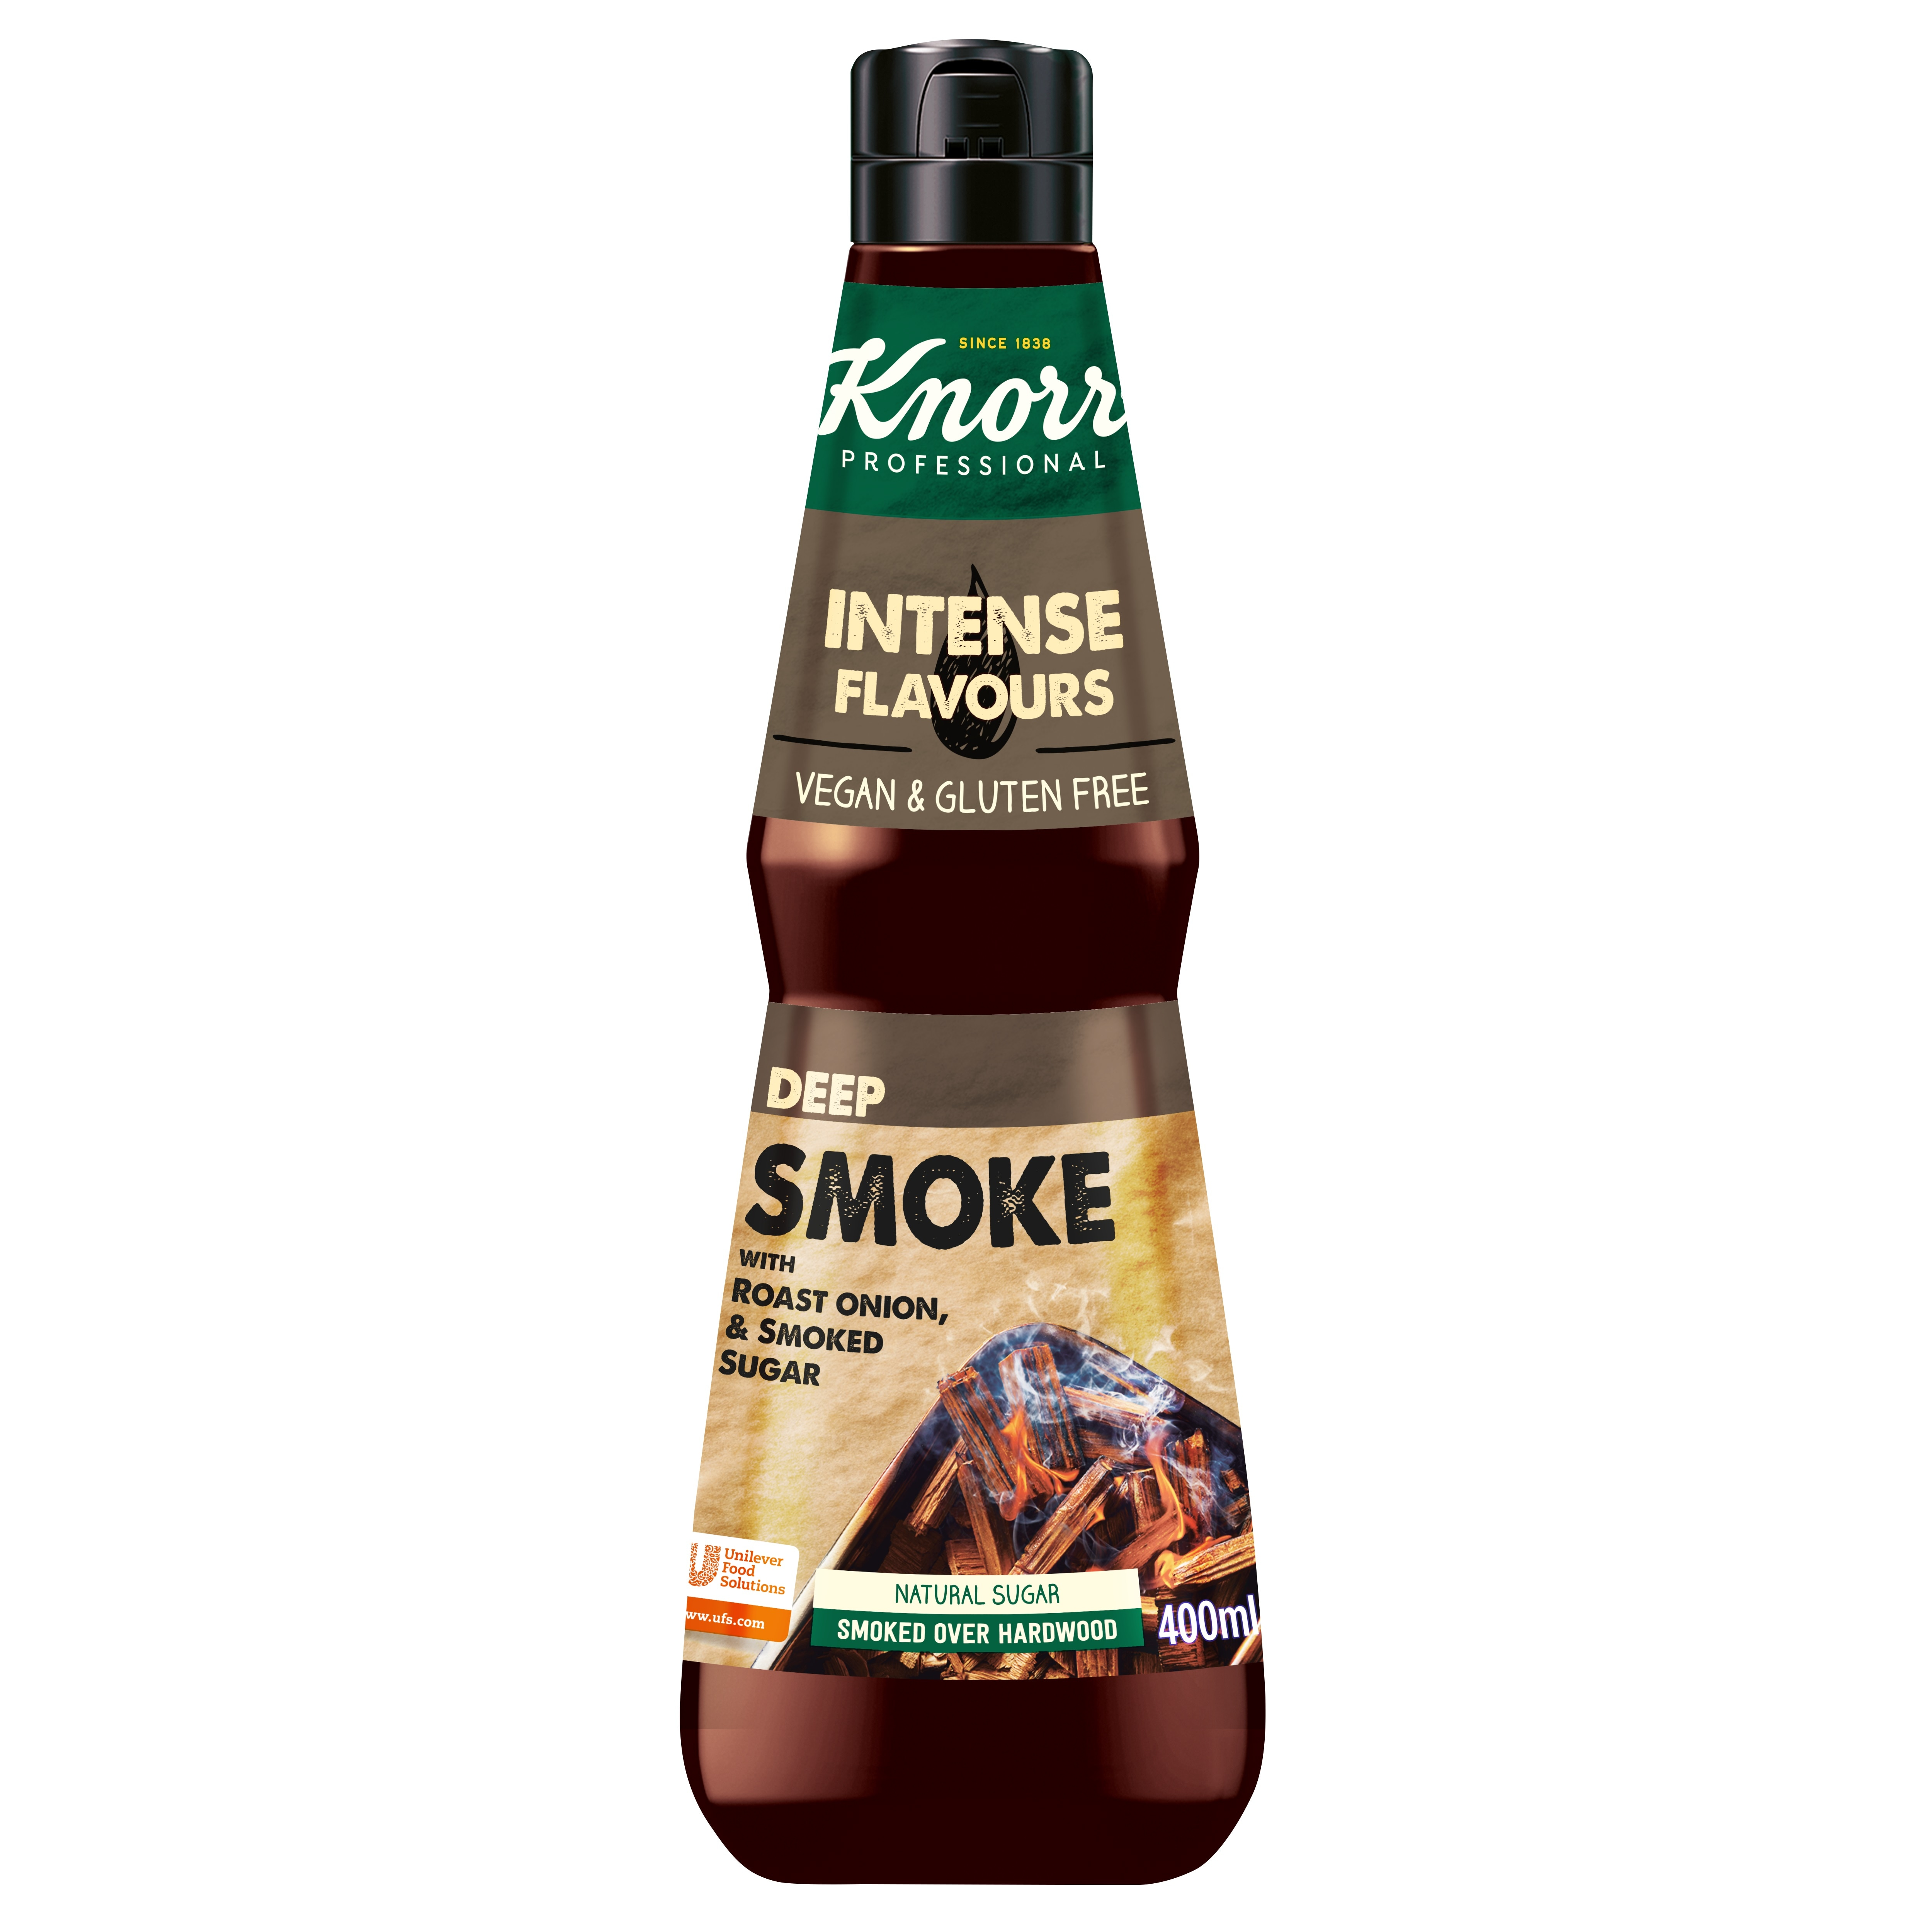 Knorr Snaga okusa - Deep smoke - Uzbudljivi sastojci  za fuziju okusa uhvaćeni u boci.